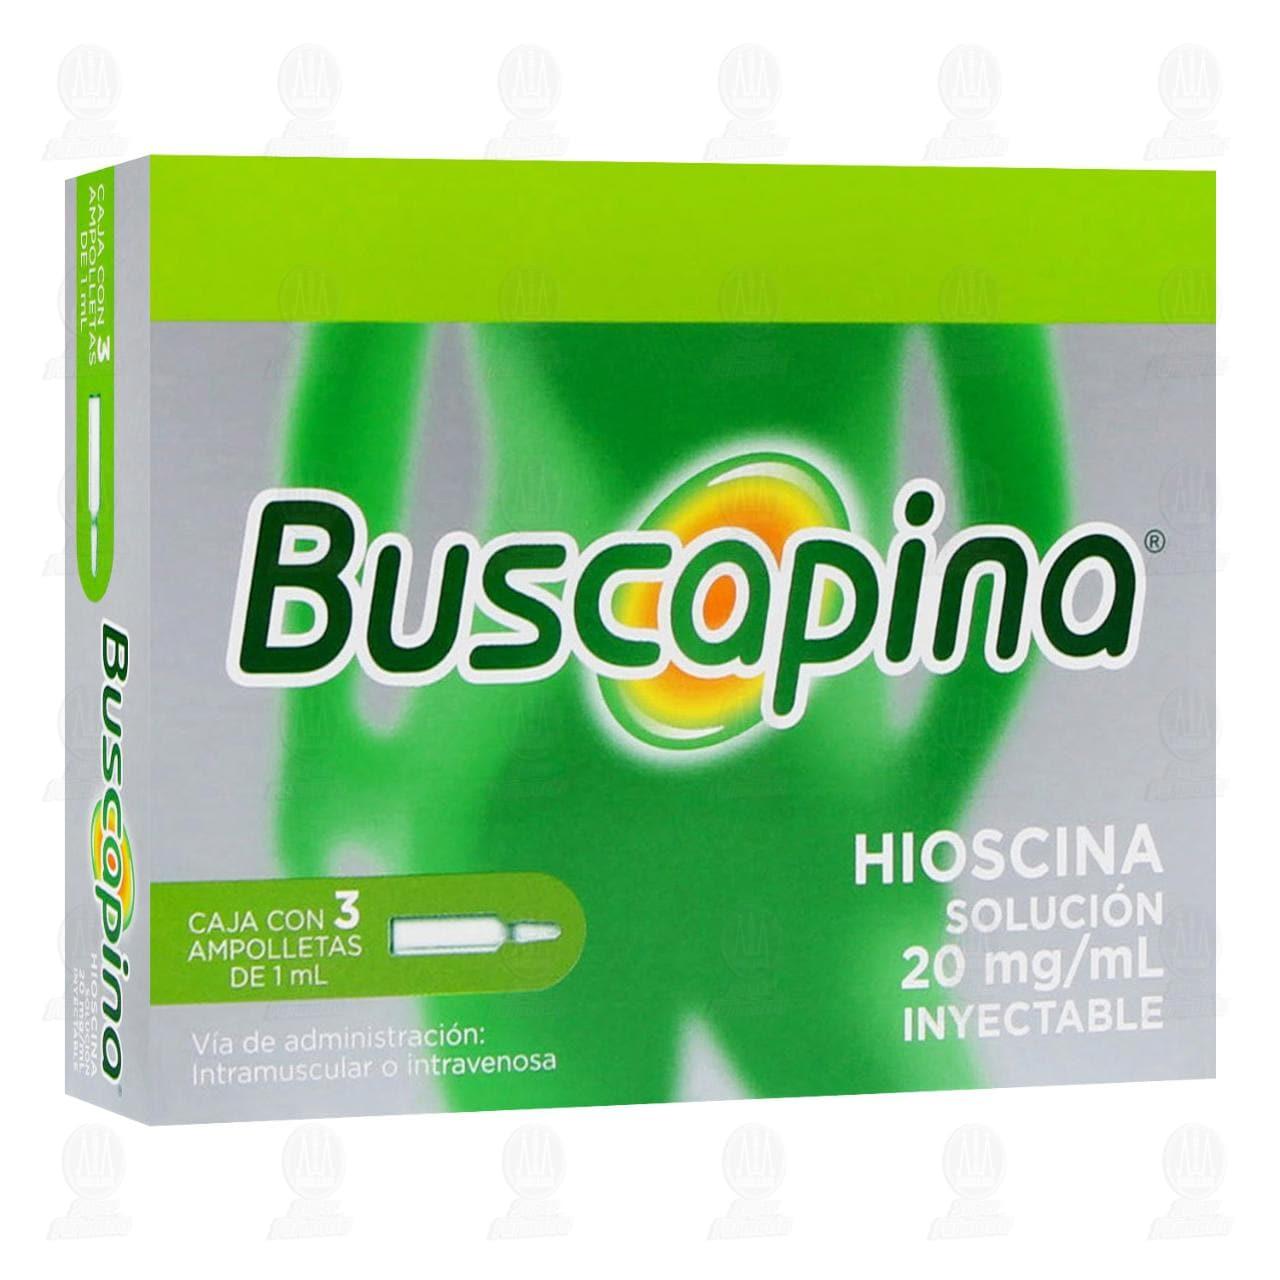 Comprar Buscapina 3 Ampolletas 1ml 20mg en Farmacias Guadalajara